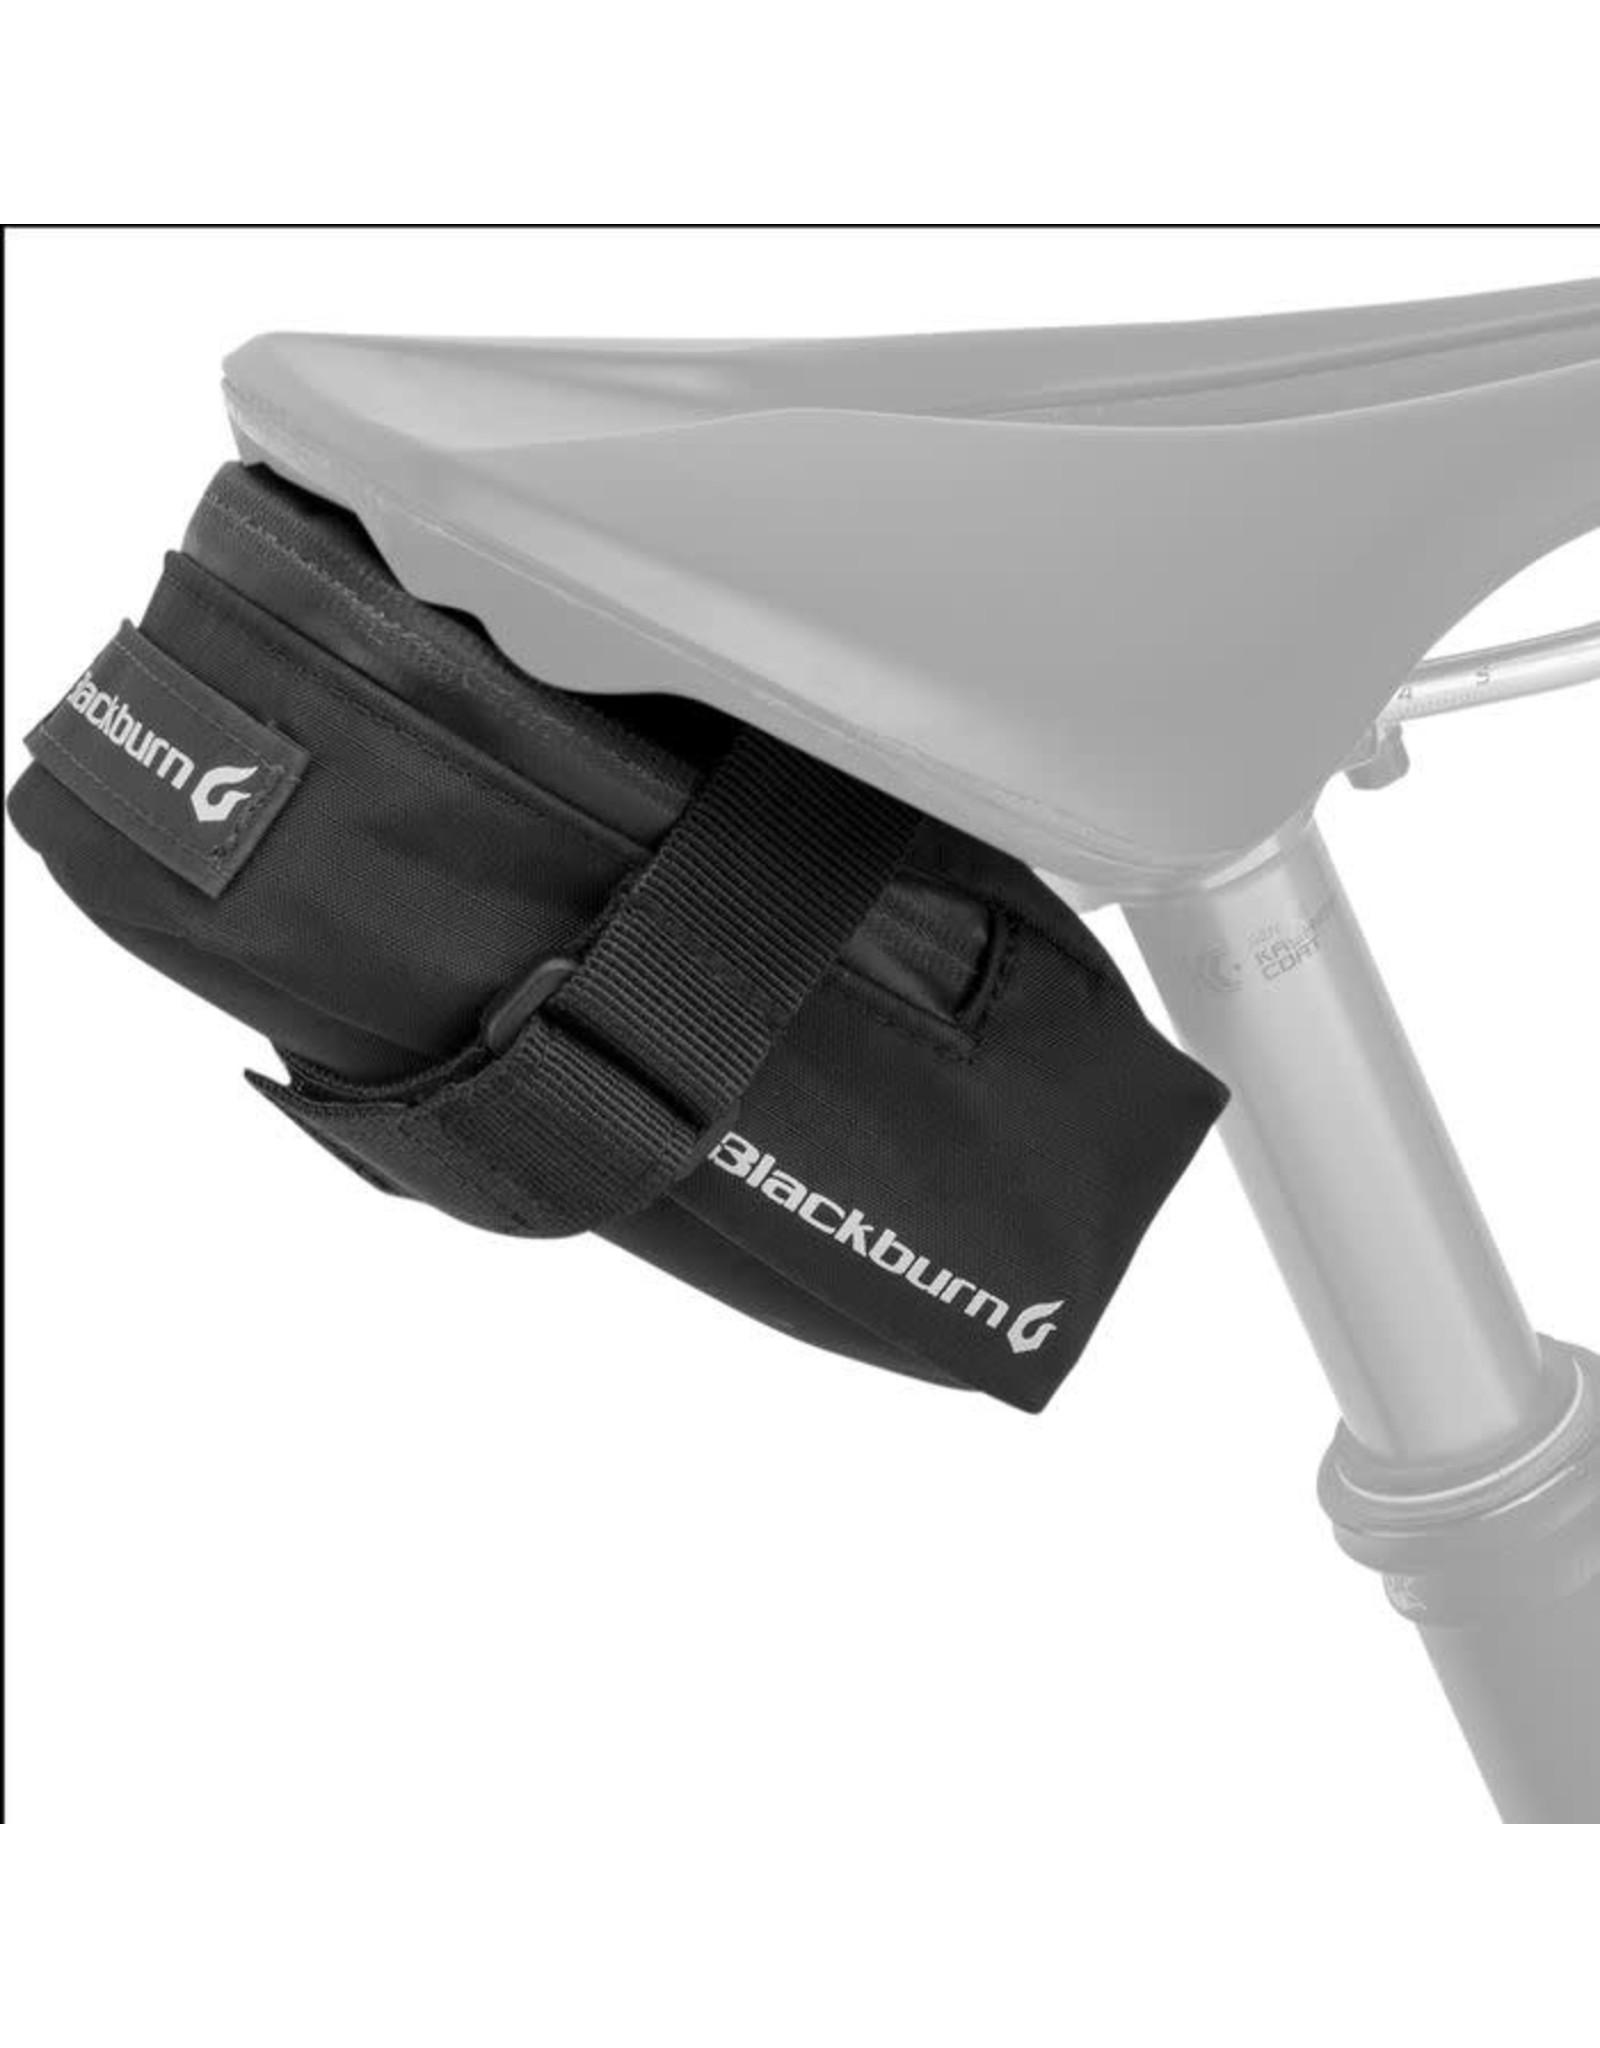 Blackburn Blackburn Grid MTB Seat Bag - Black